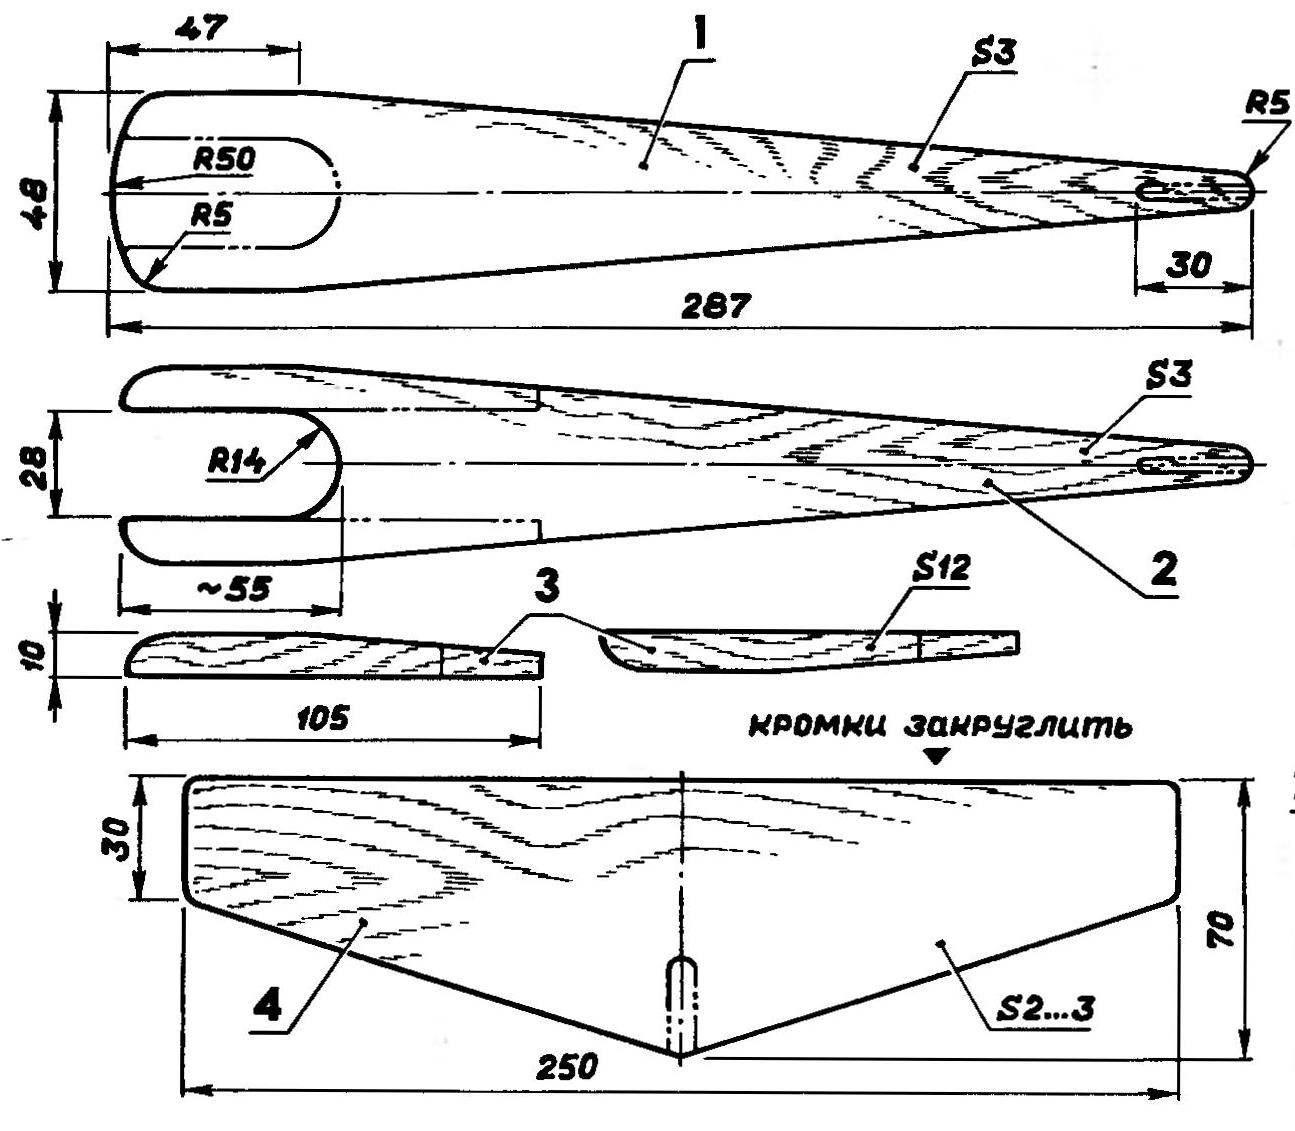 Рис. 2. Деревянные элементы модели